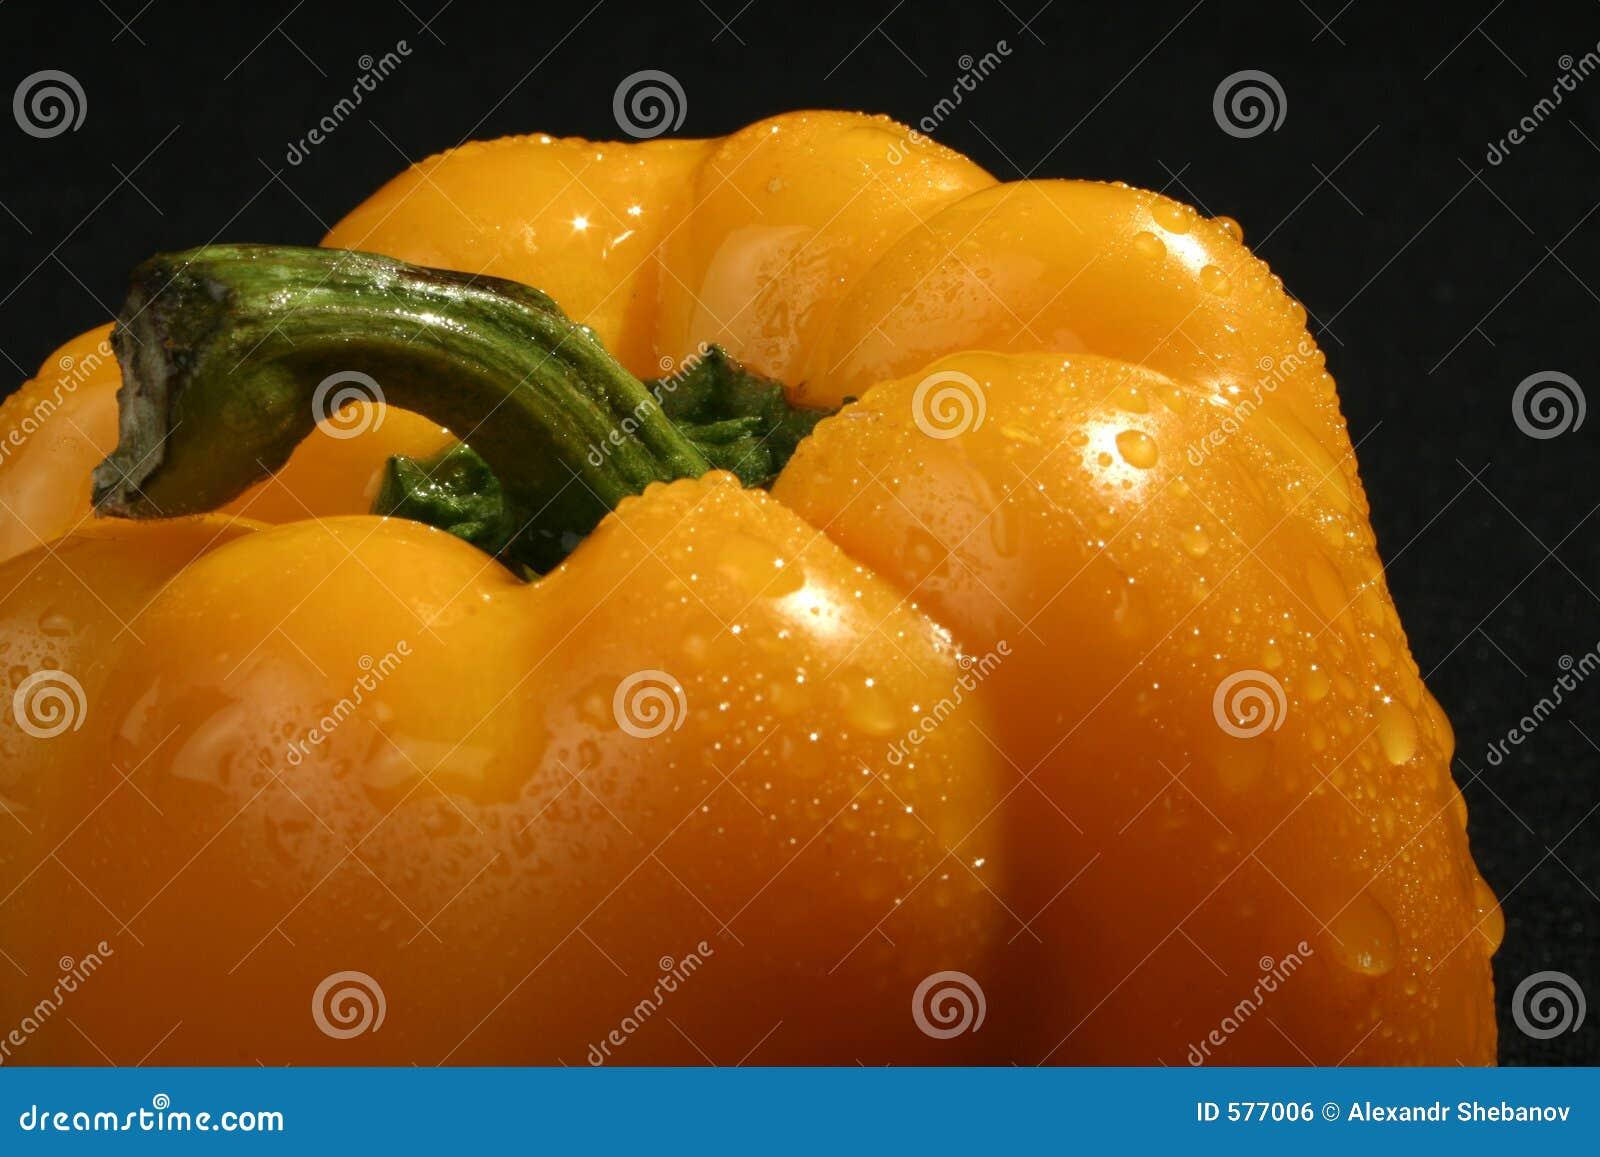 Pepe immagine stock libera da diritti immagine 577006 for Kiwi giallo piante acquisto